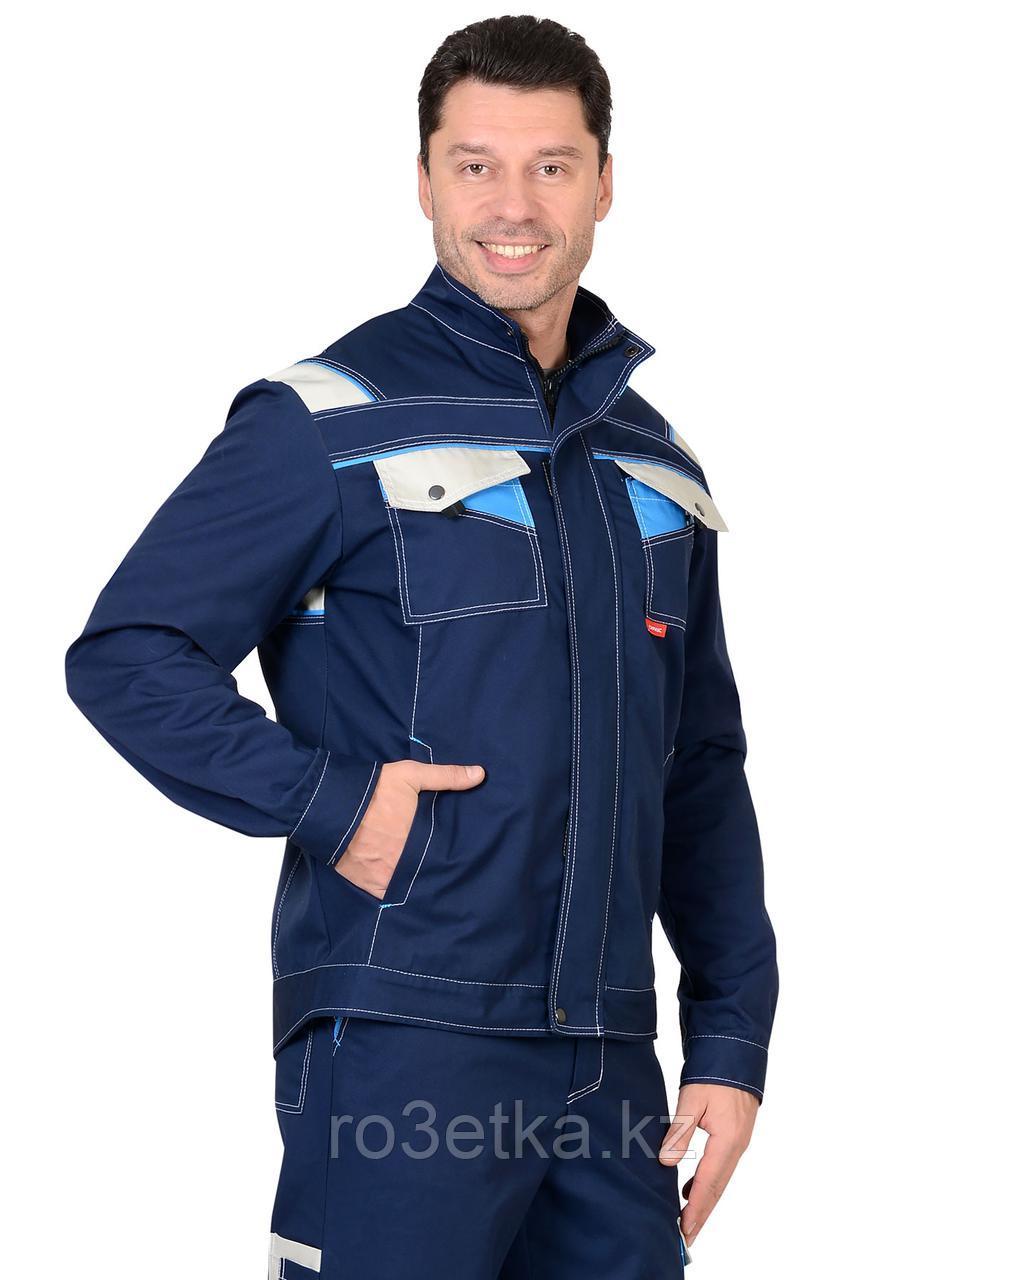 """Костюм """"ПЕРСЕЙ"""": куртка кор., брюки, т.синий с молочным и голубым"""